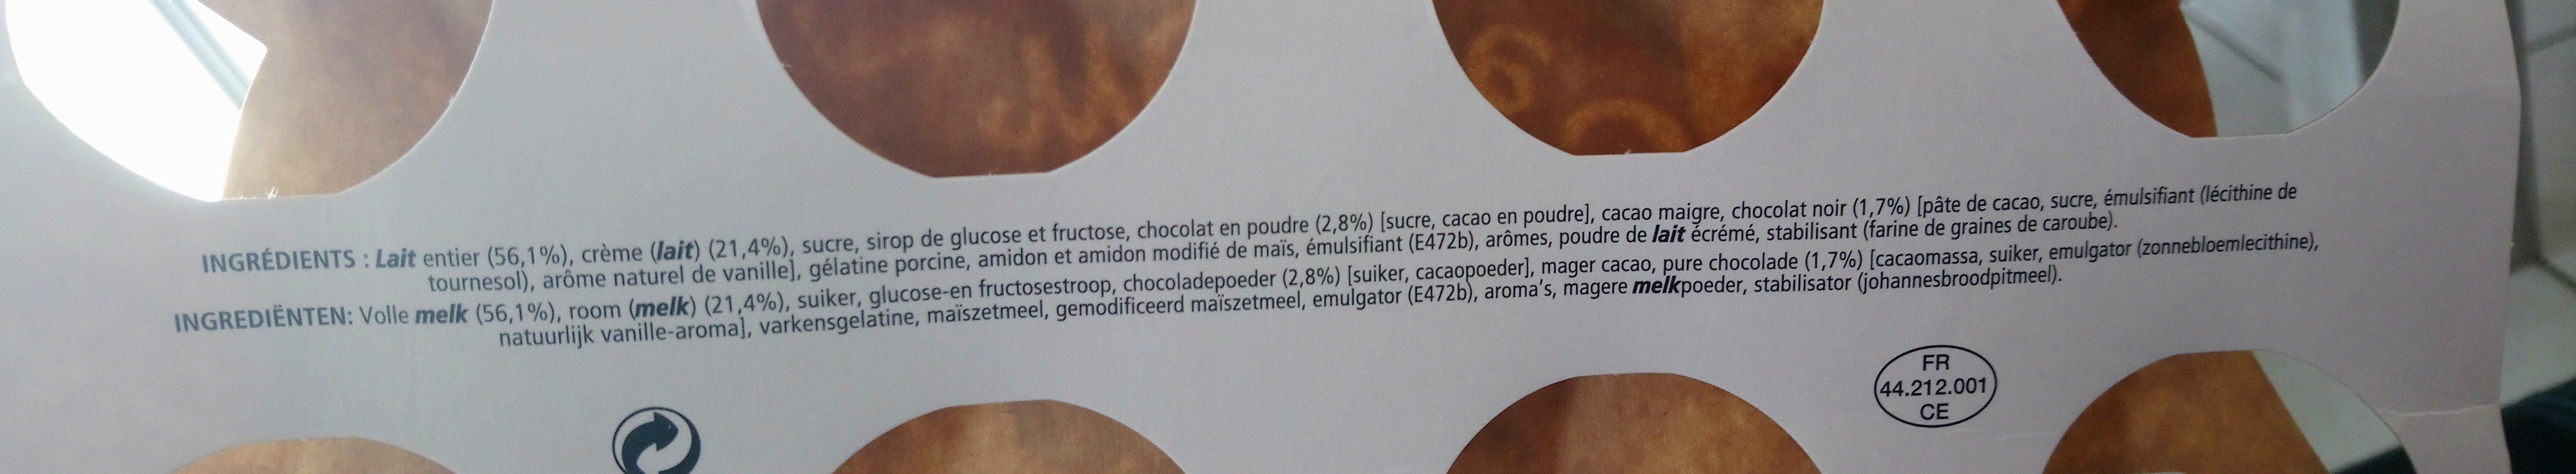 Le viennois mousse - Ingrédients - fr